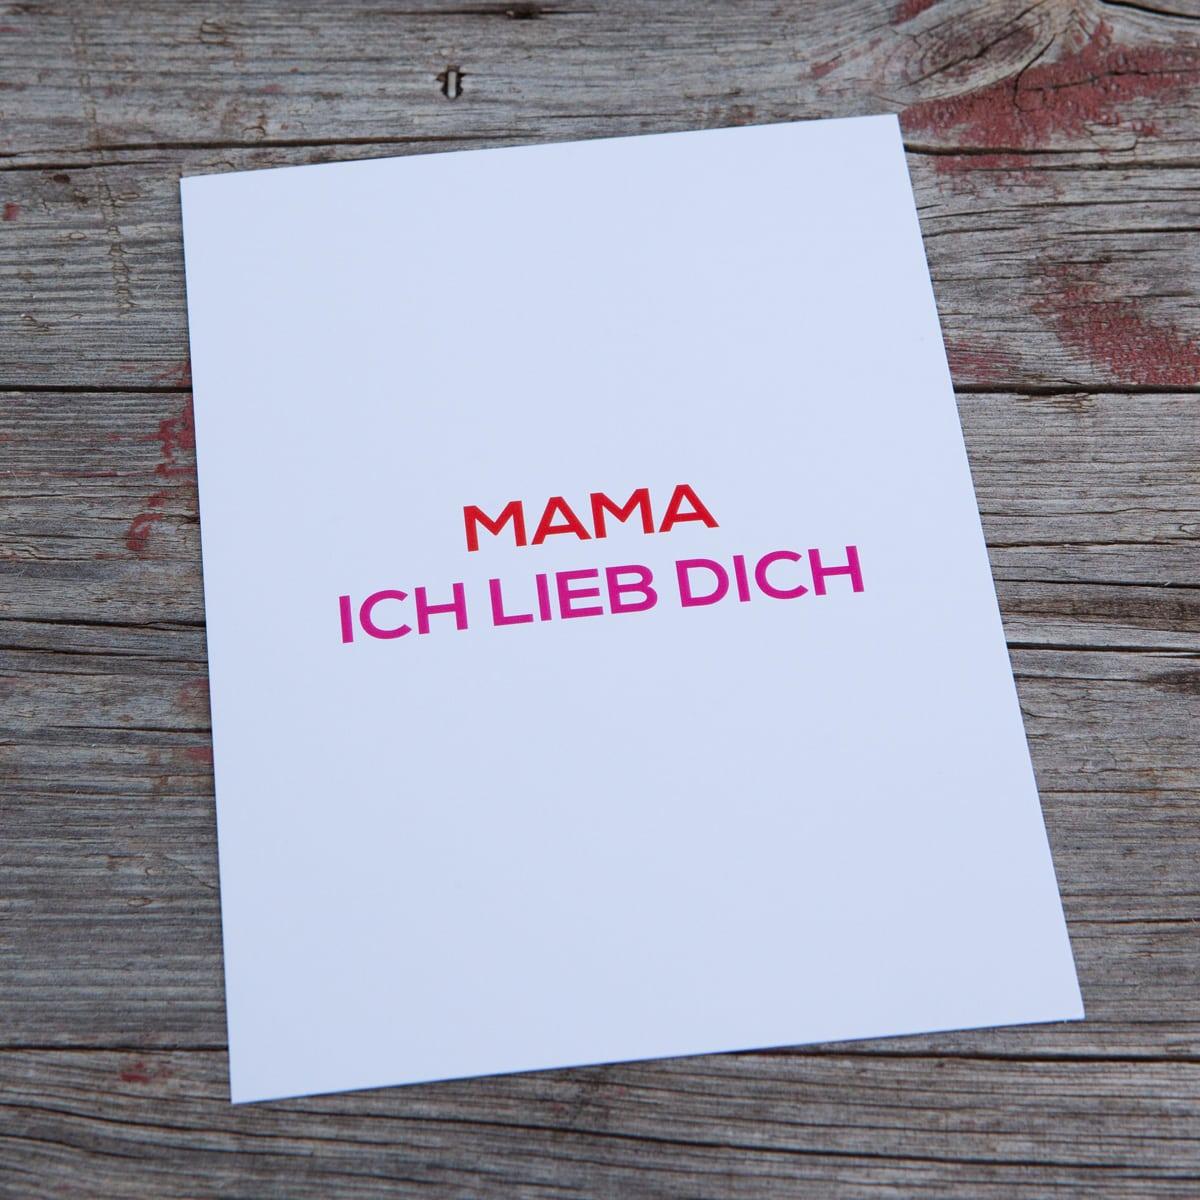 mama ich lieb dich